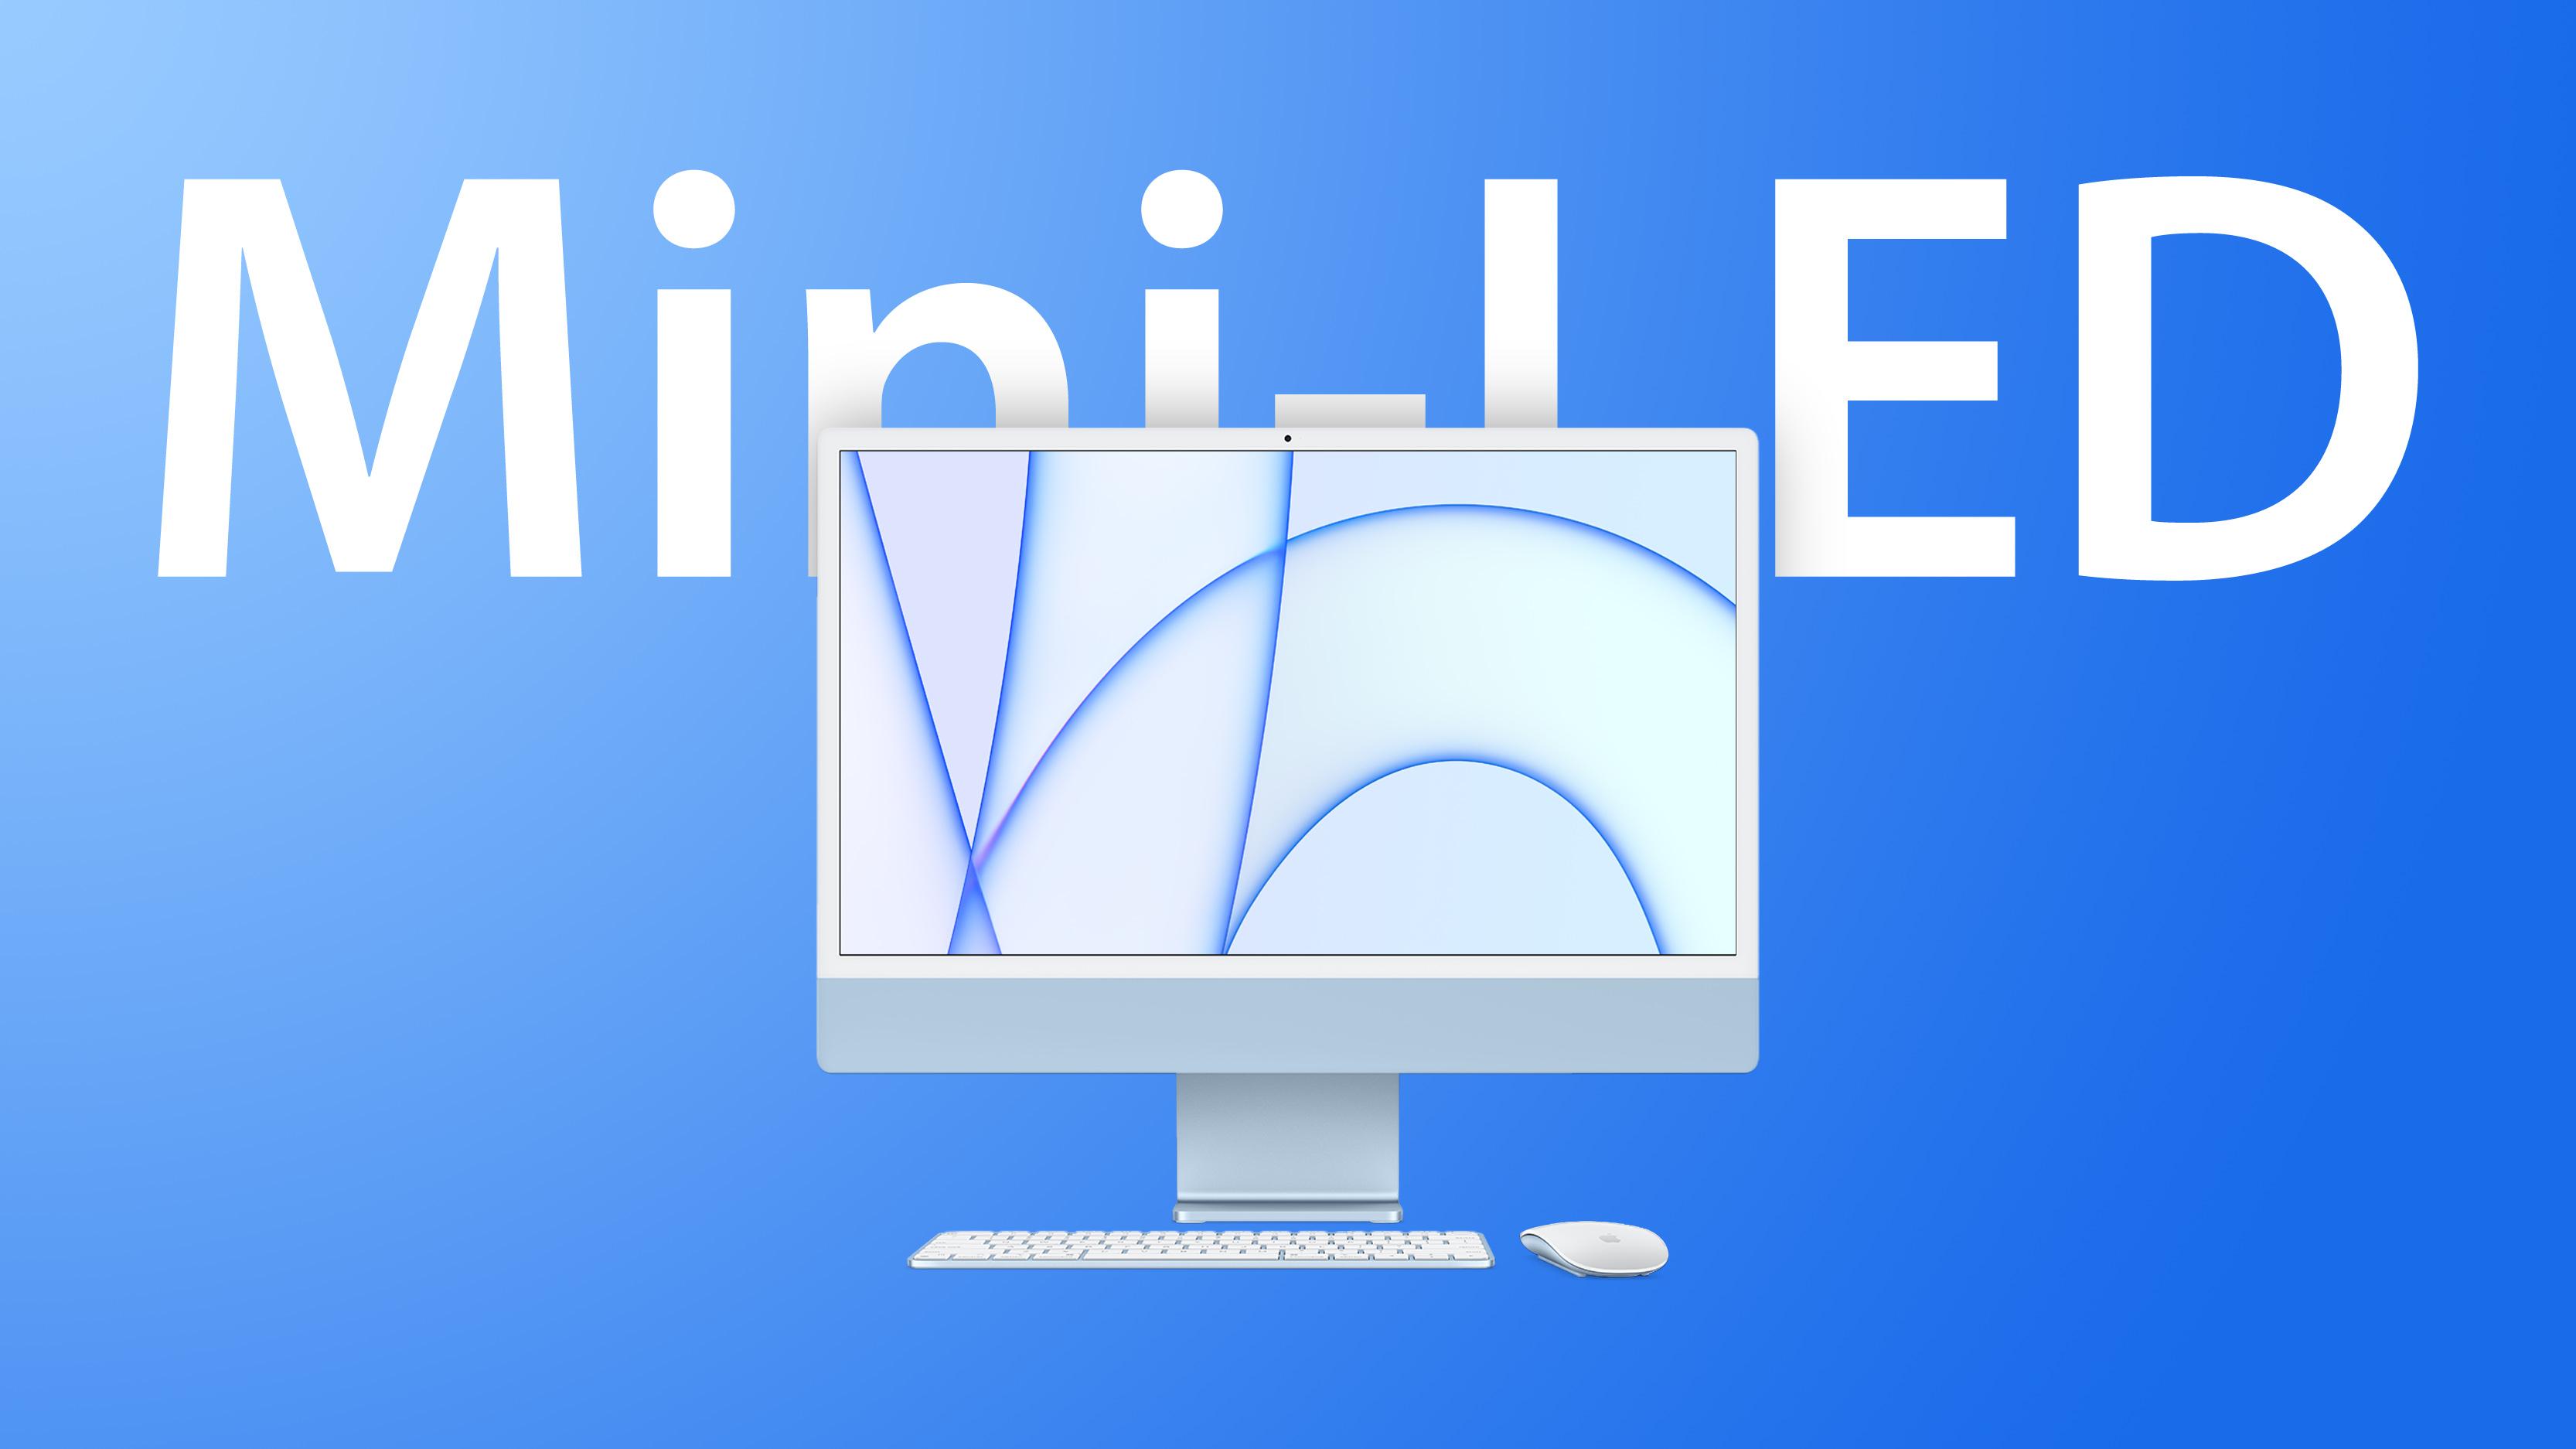 iMac M1 Blue Mini LED Feature